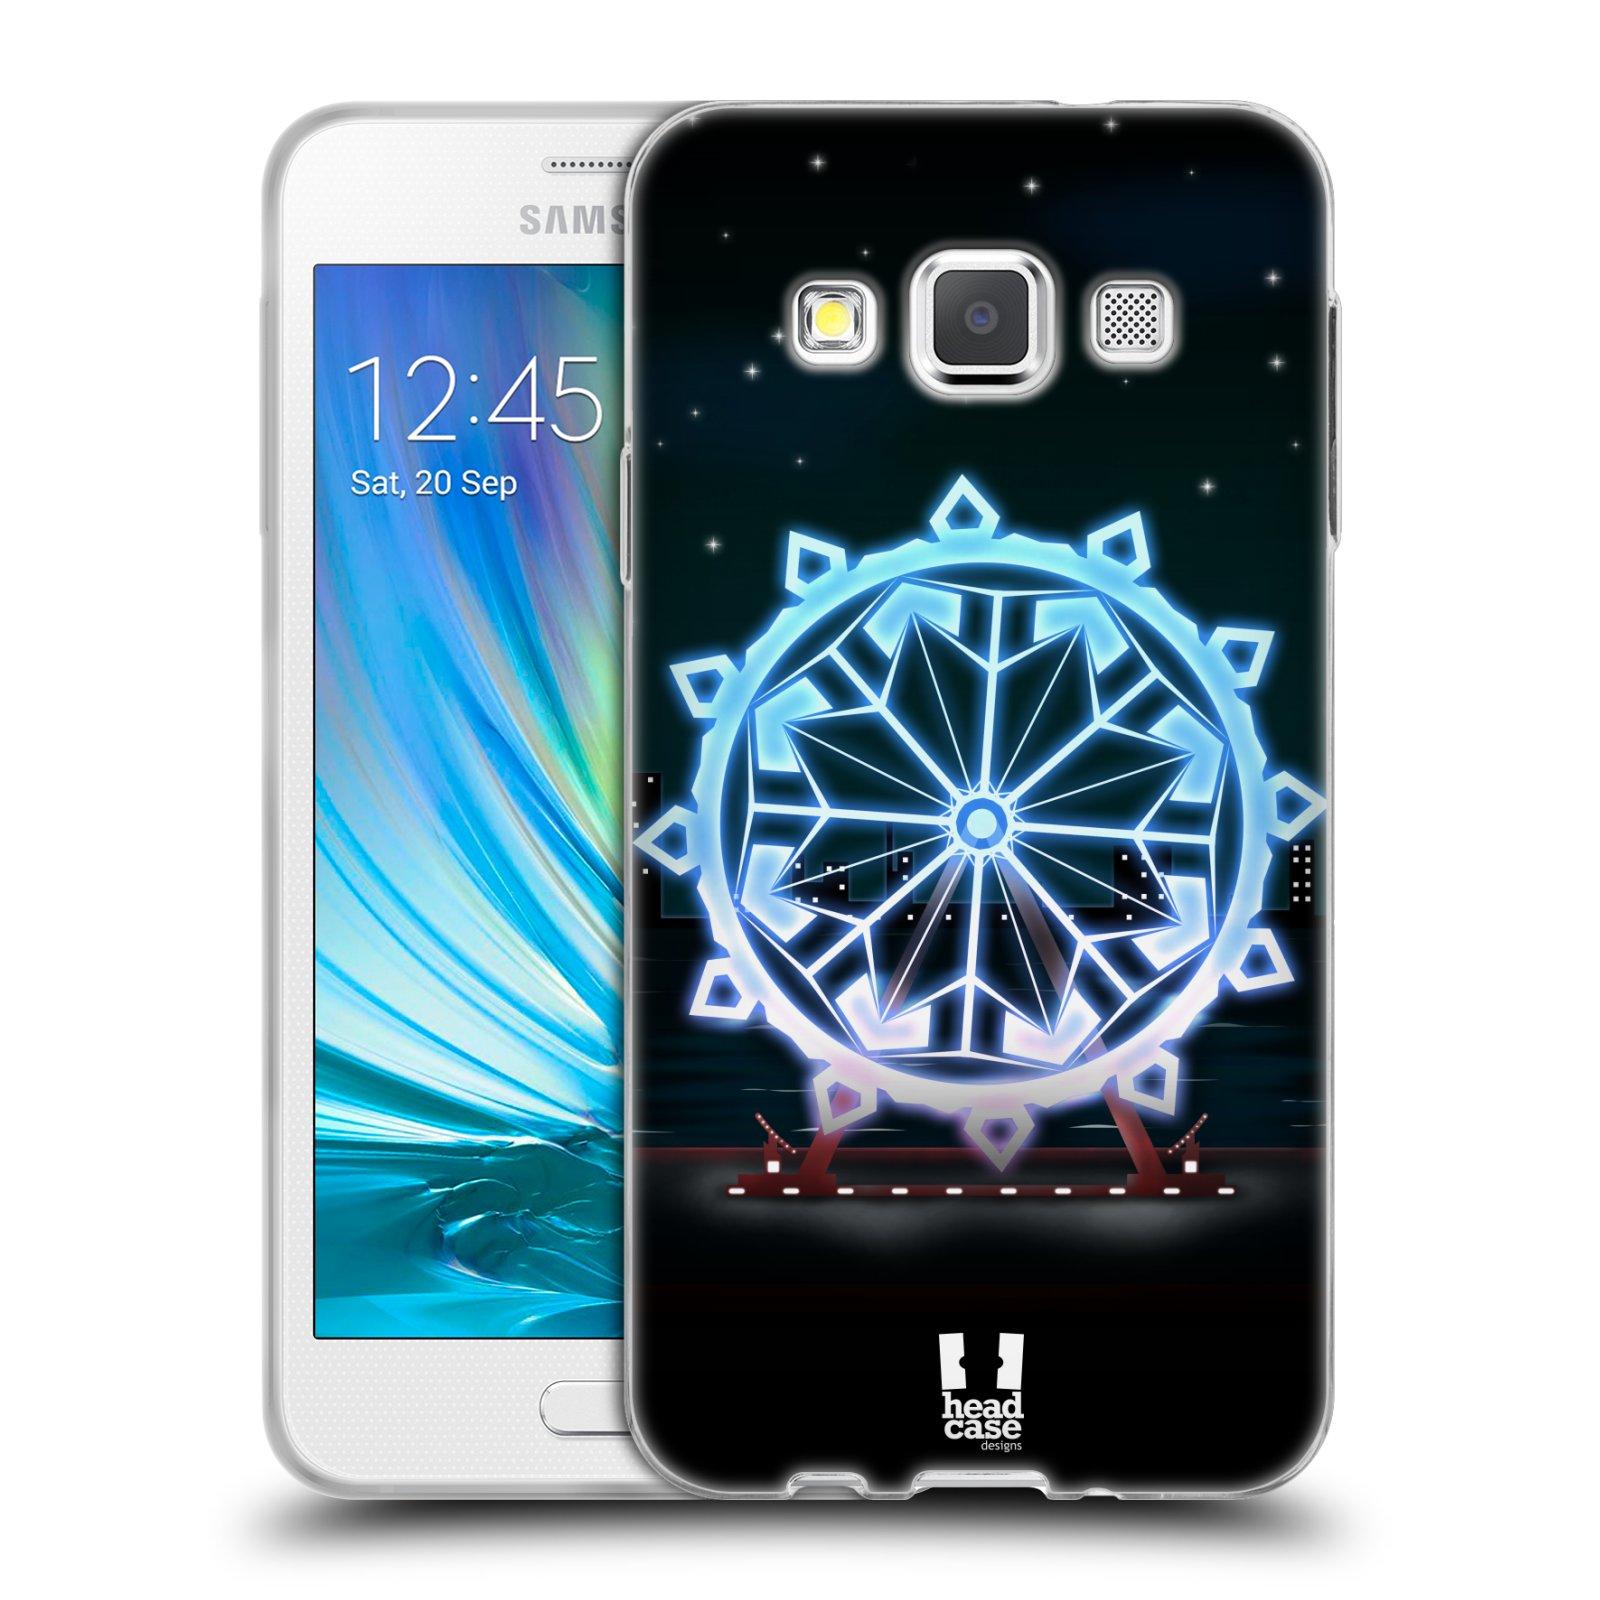 HEAD CASE silikonový obal na mobil Samsung Galaxy A3 vzor Sněžné vločky modrá kolo